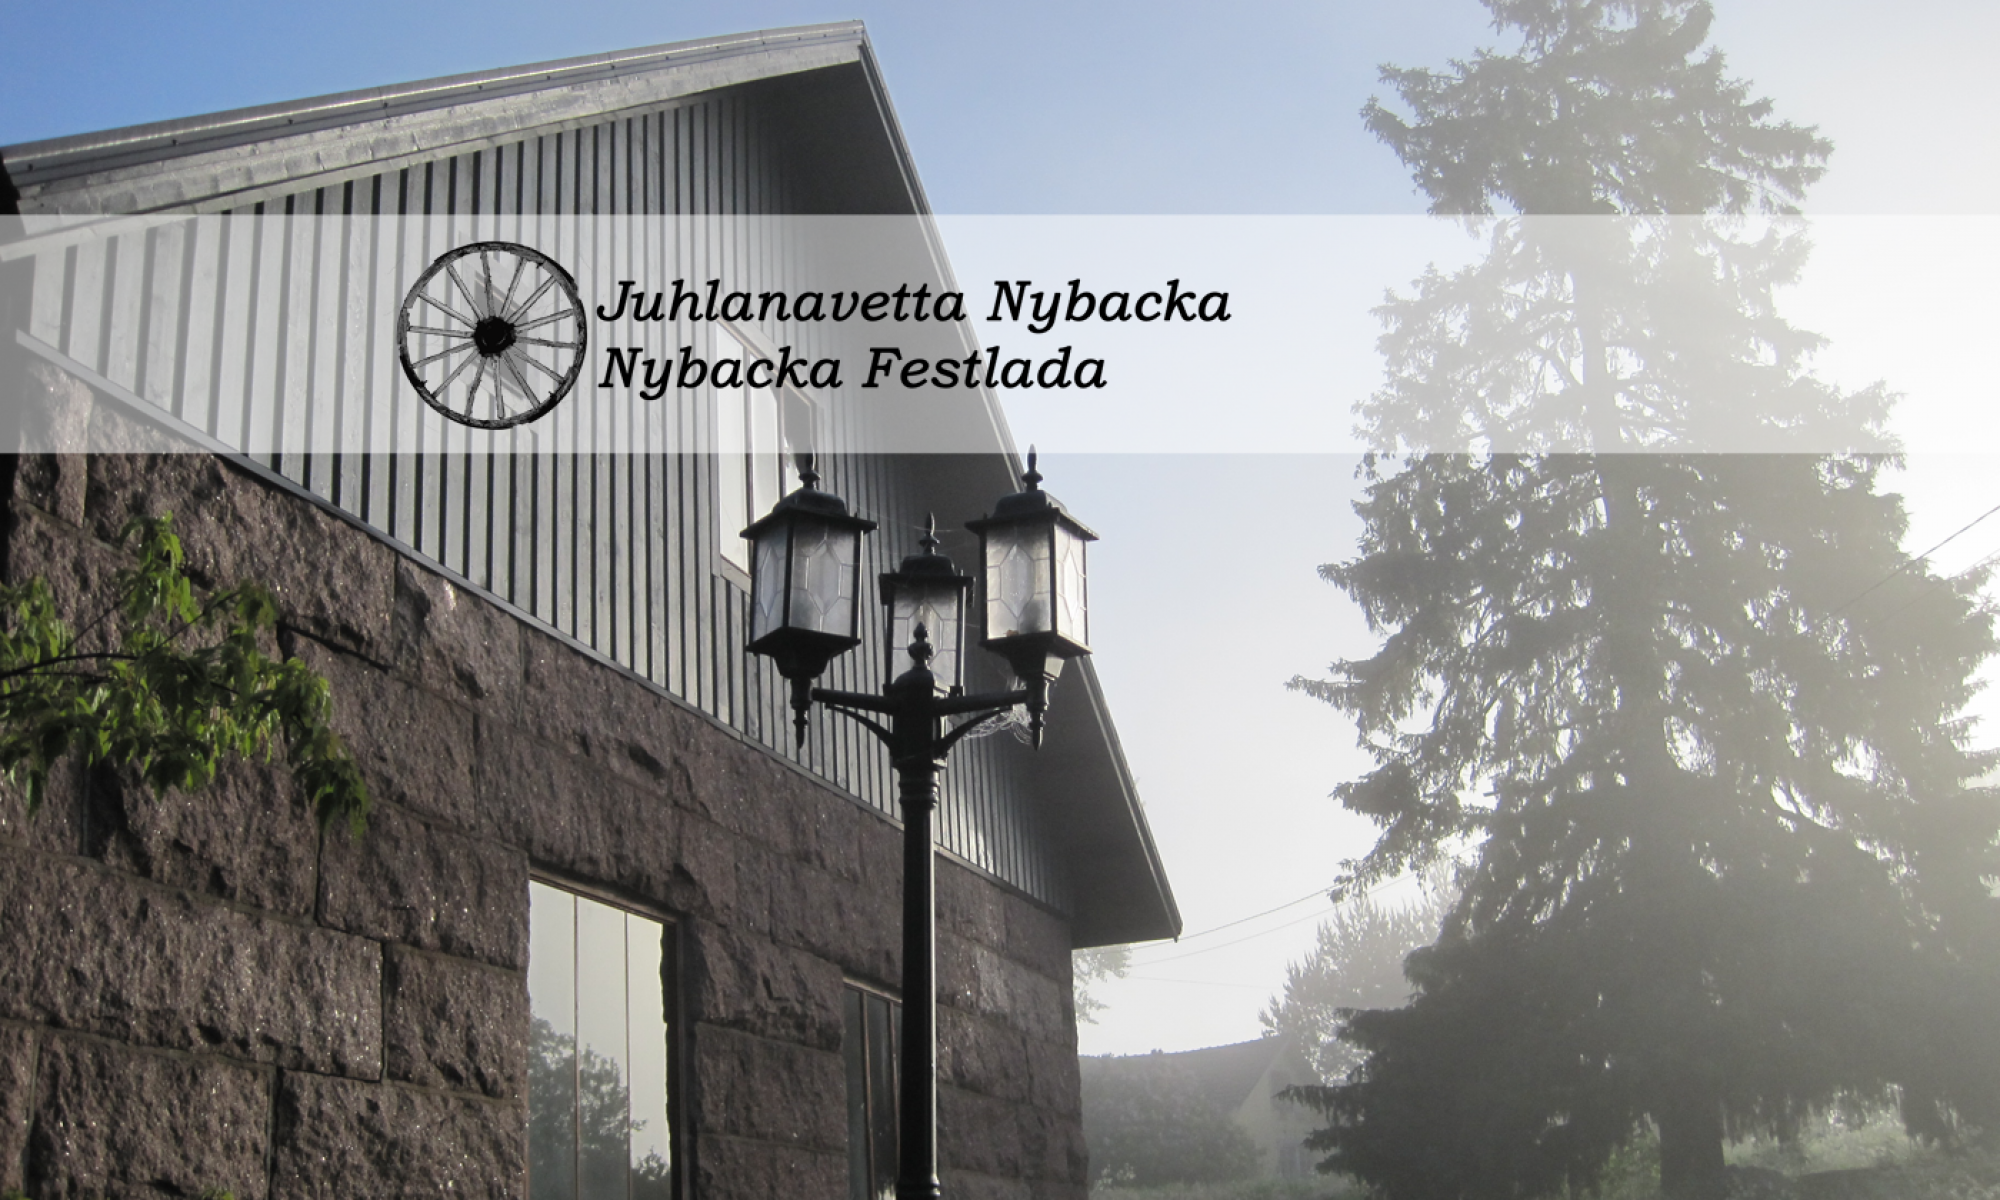 Juhlanavetta Nybacka Festlada